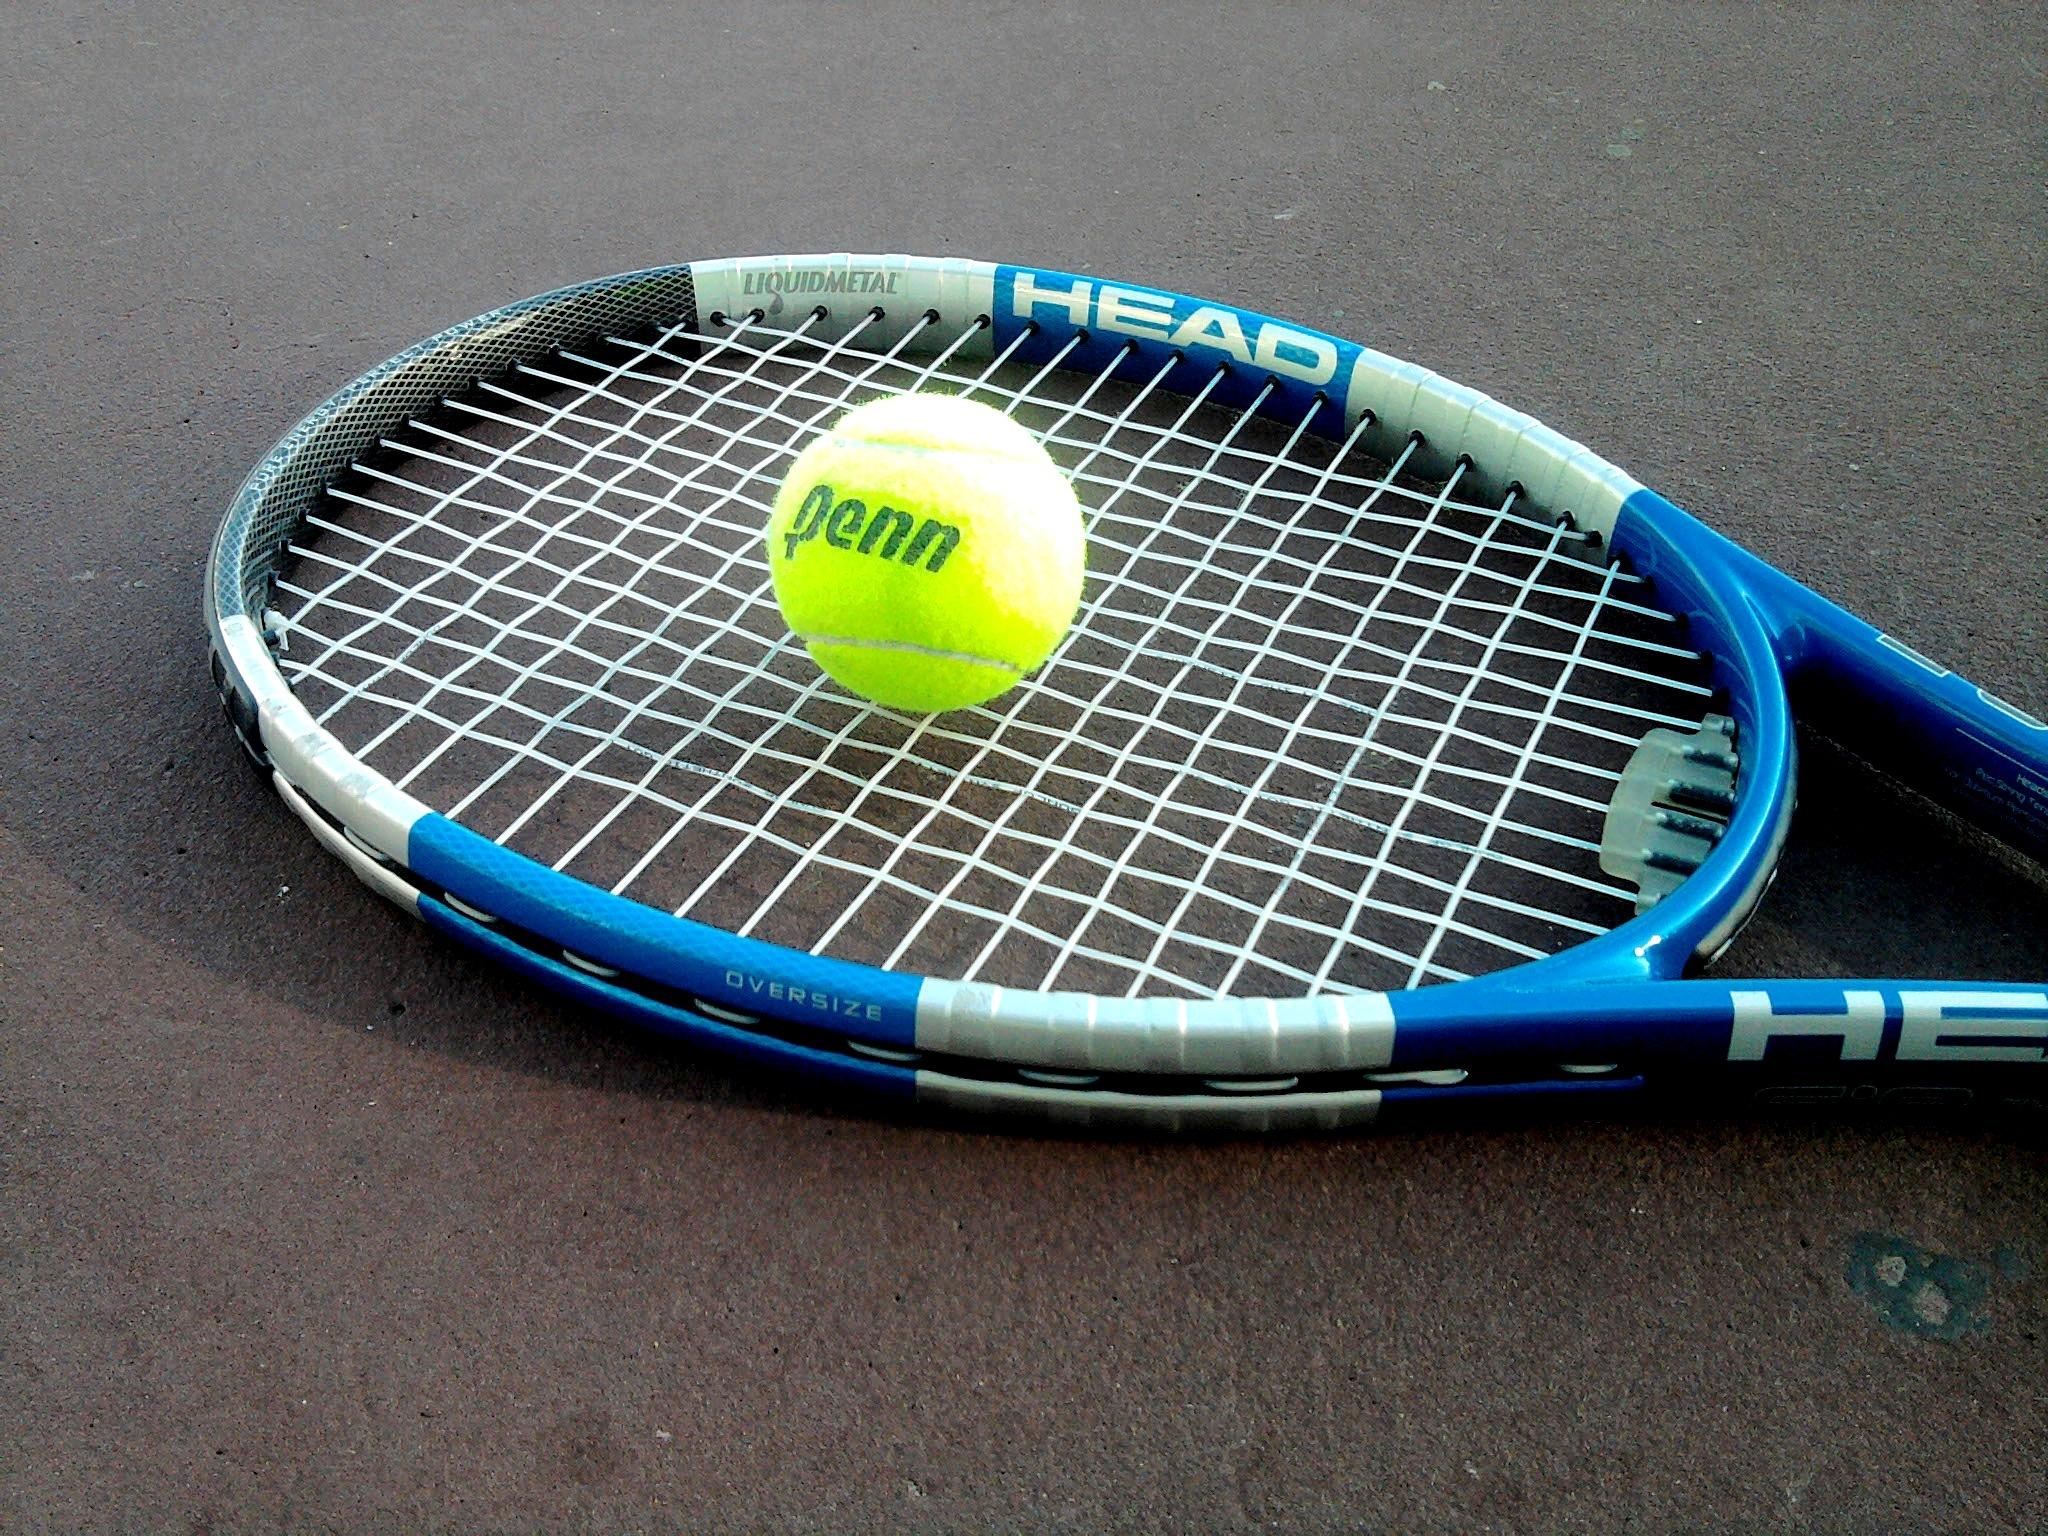 Tennis HD Wallpaper